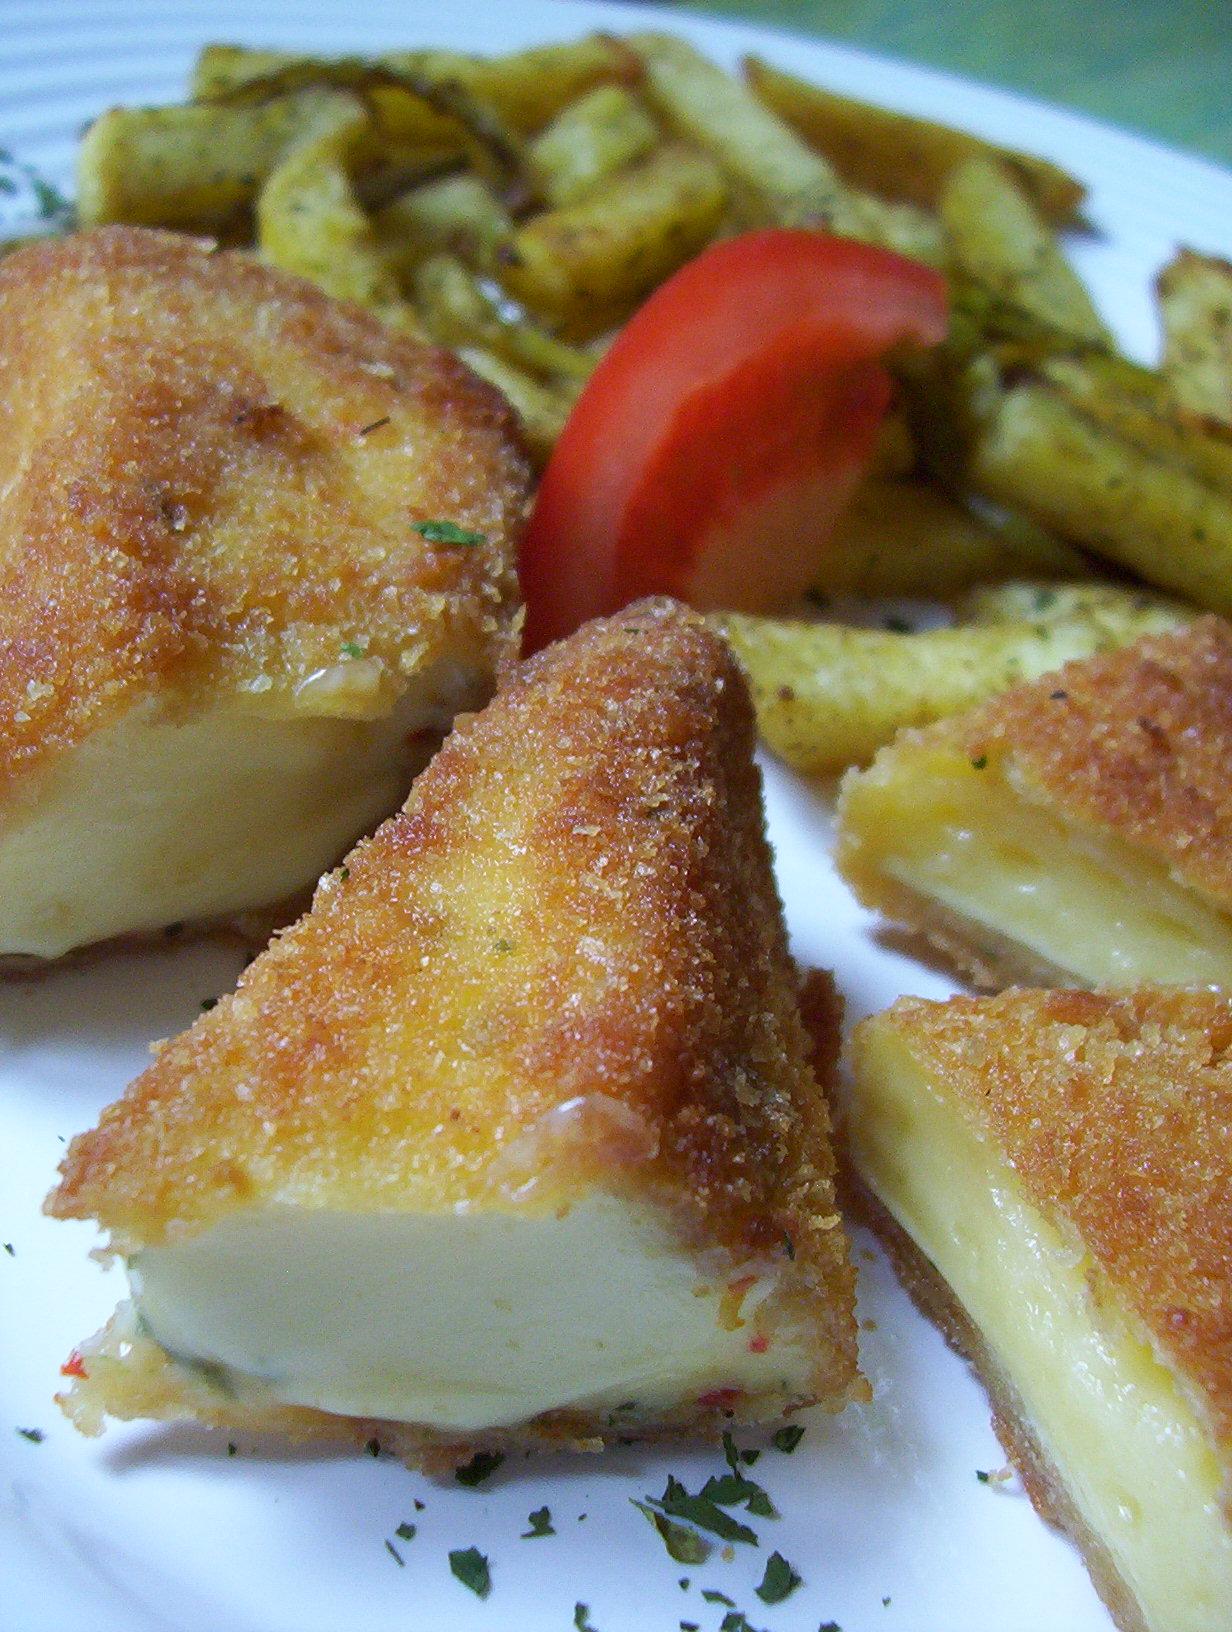 Chilli smažený sýr s paprikovými hranolky